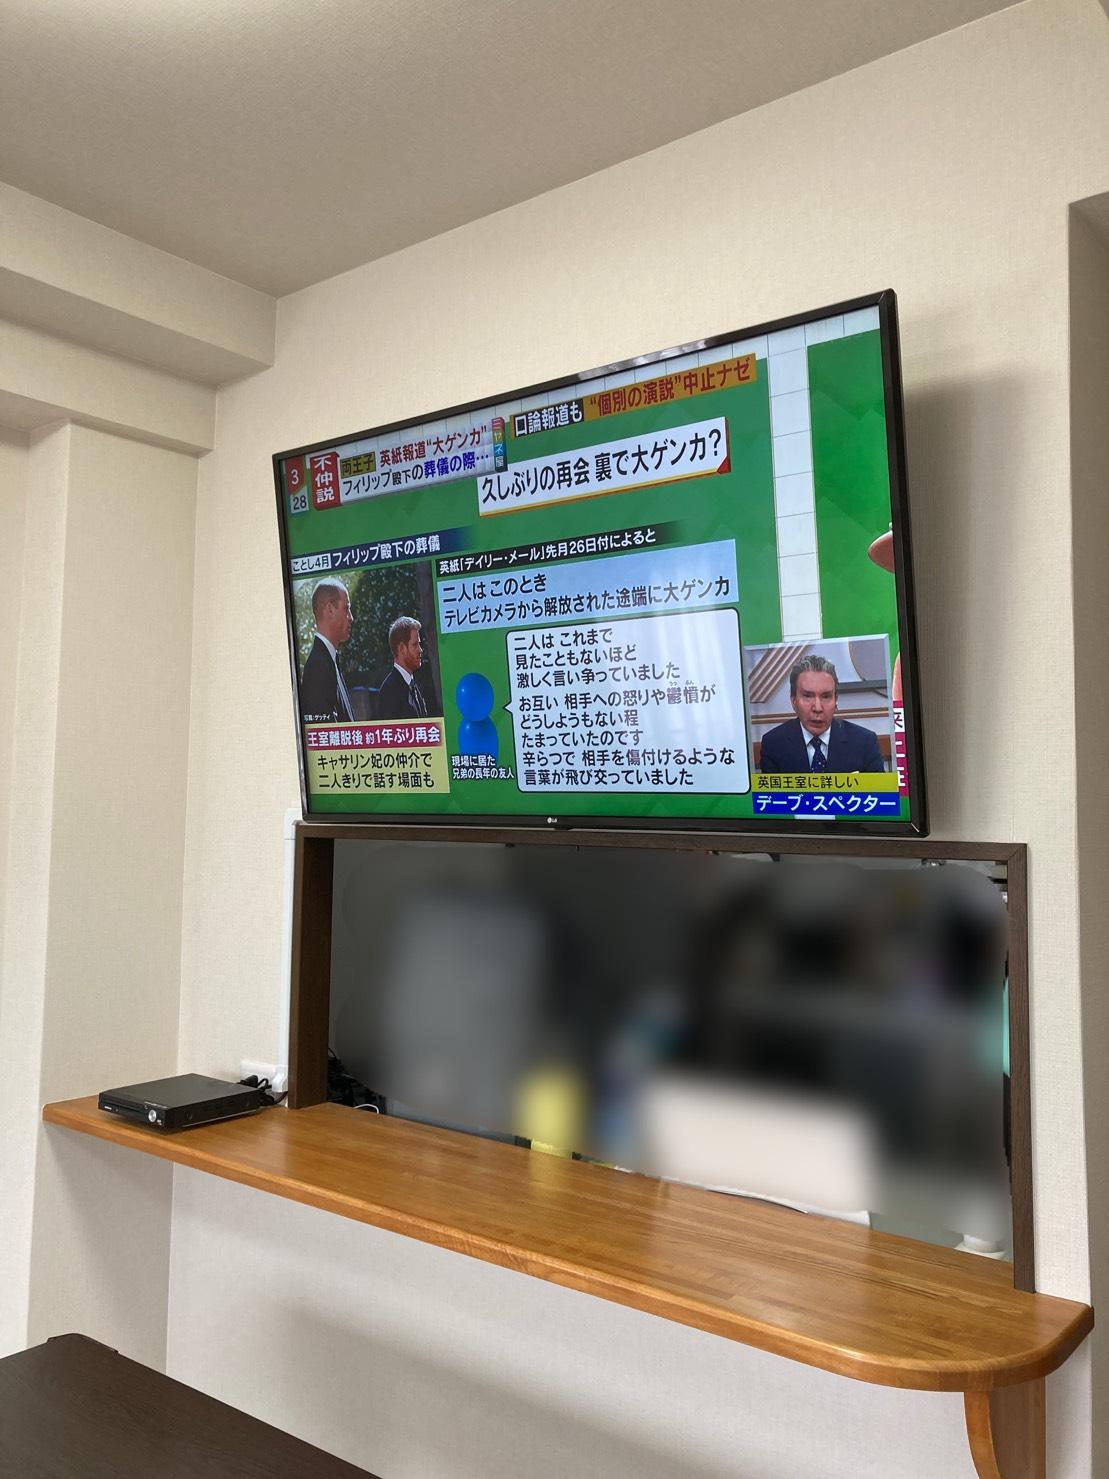 福岡市城南区テレビ壁掛け工事